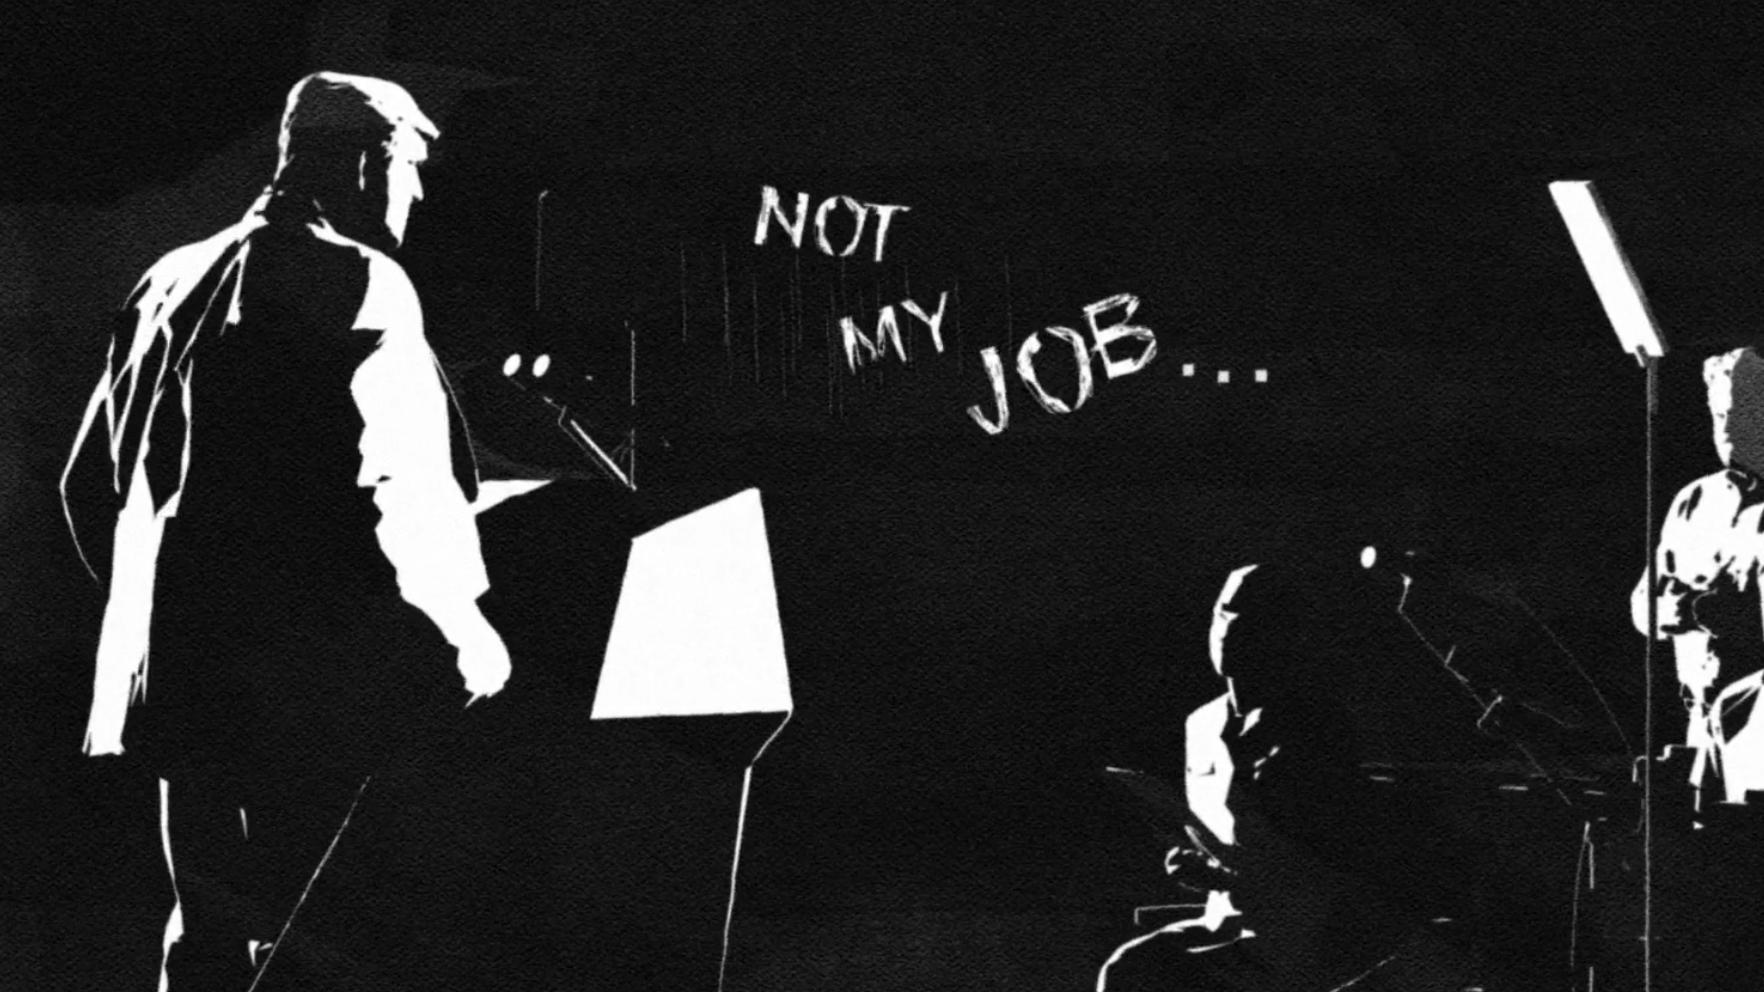 Not My Job: How Trump Failed Us